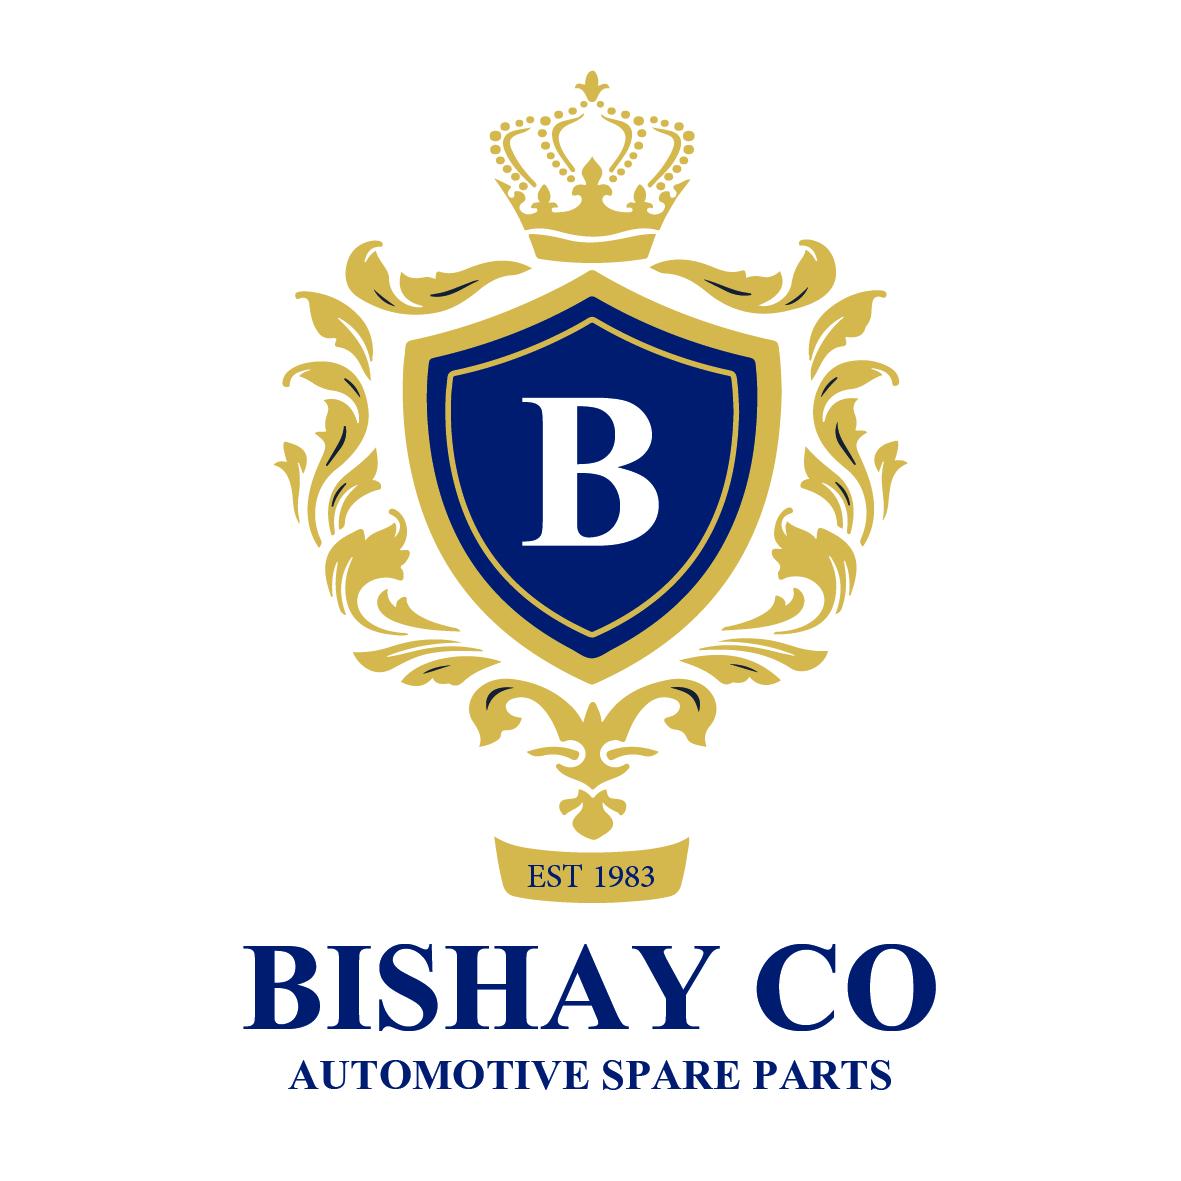 Bishayco